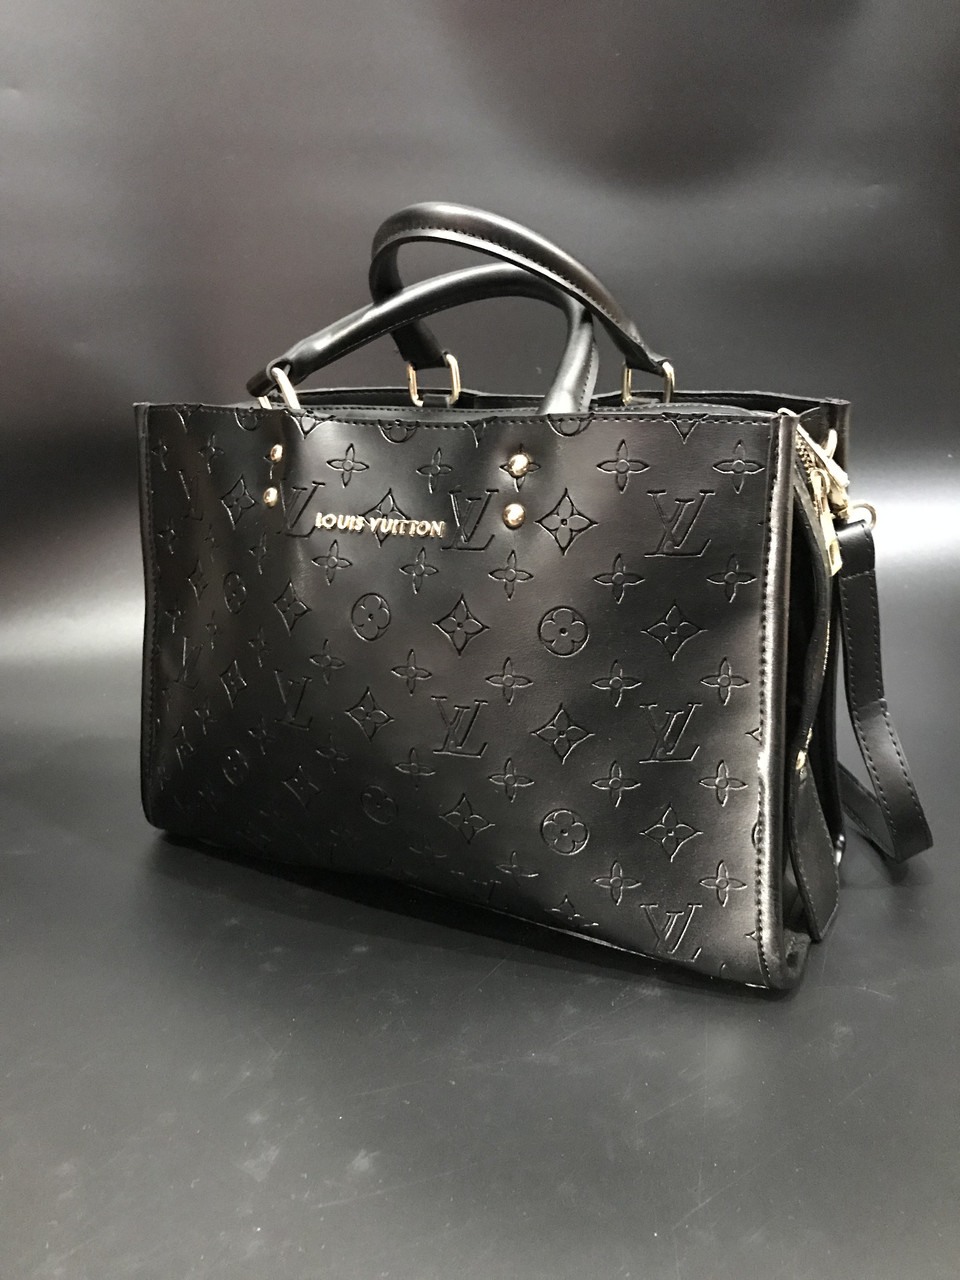 Сумка женская с ручками Louis Vuitton Monogram черная реплика высокого  качества 4a7eadfea36